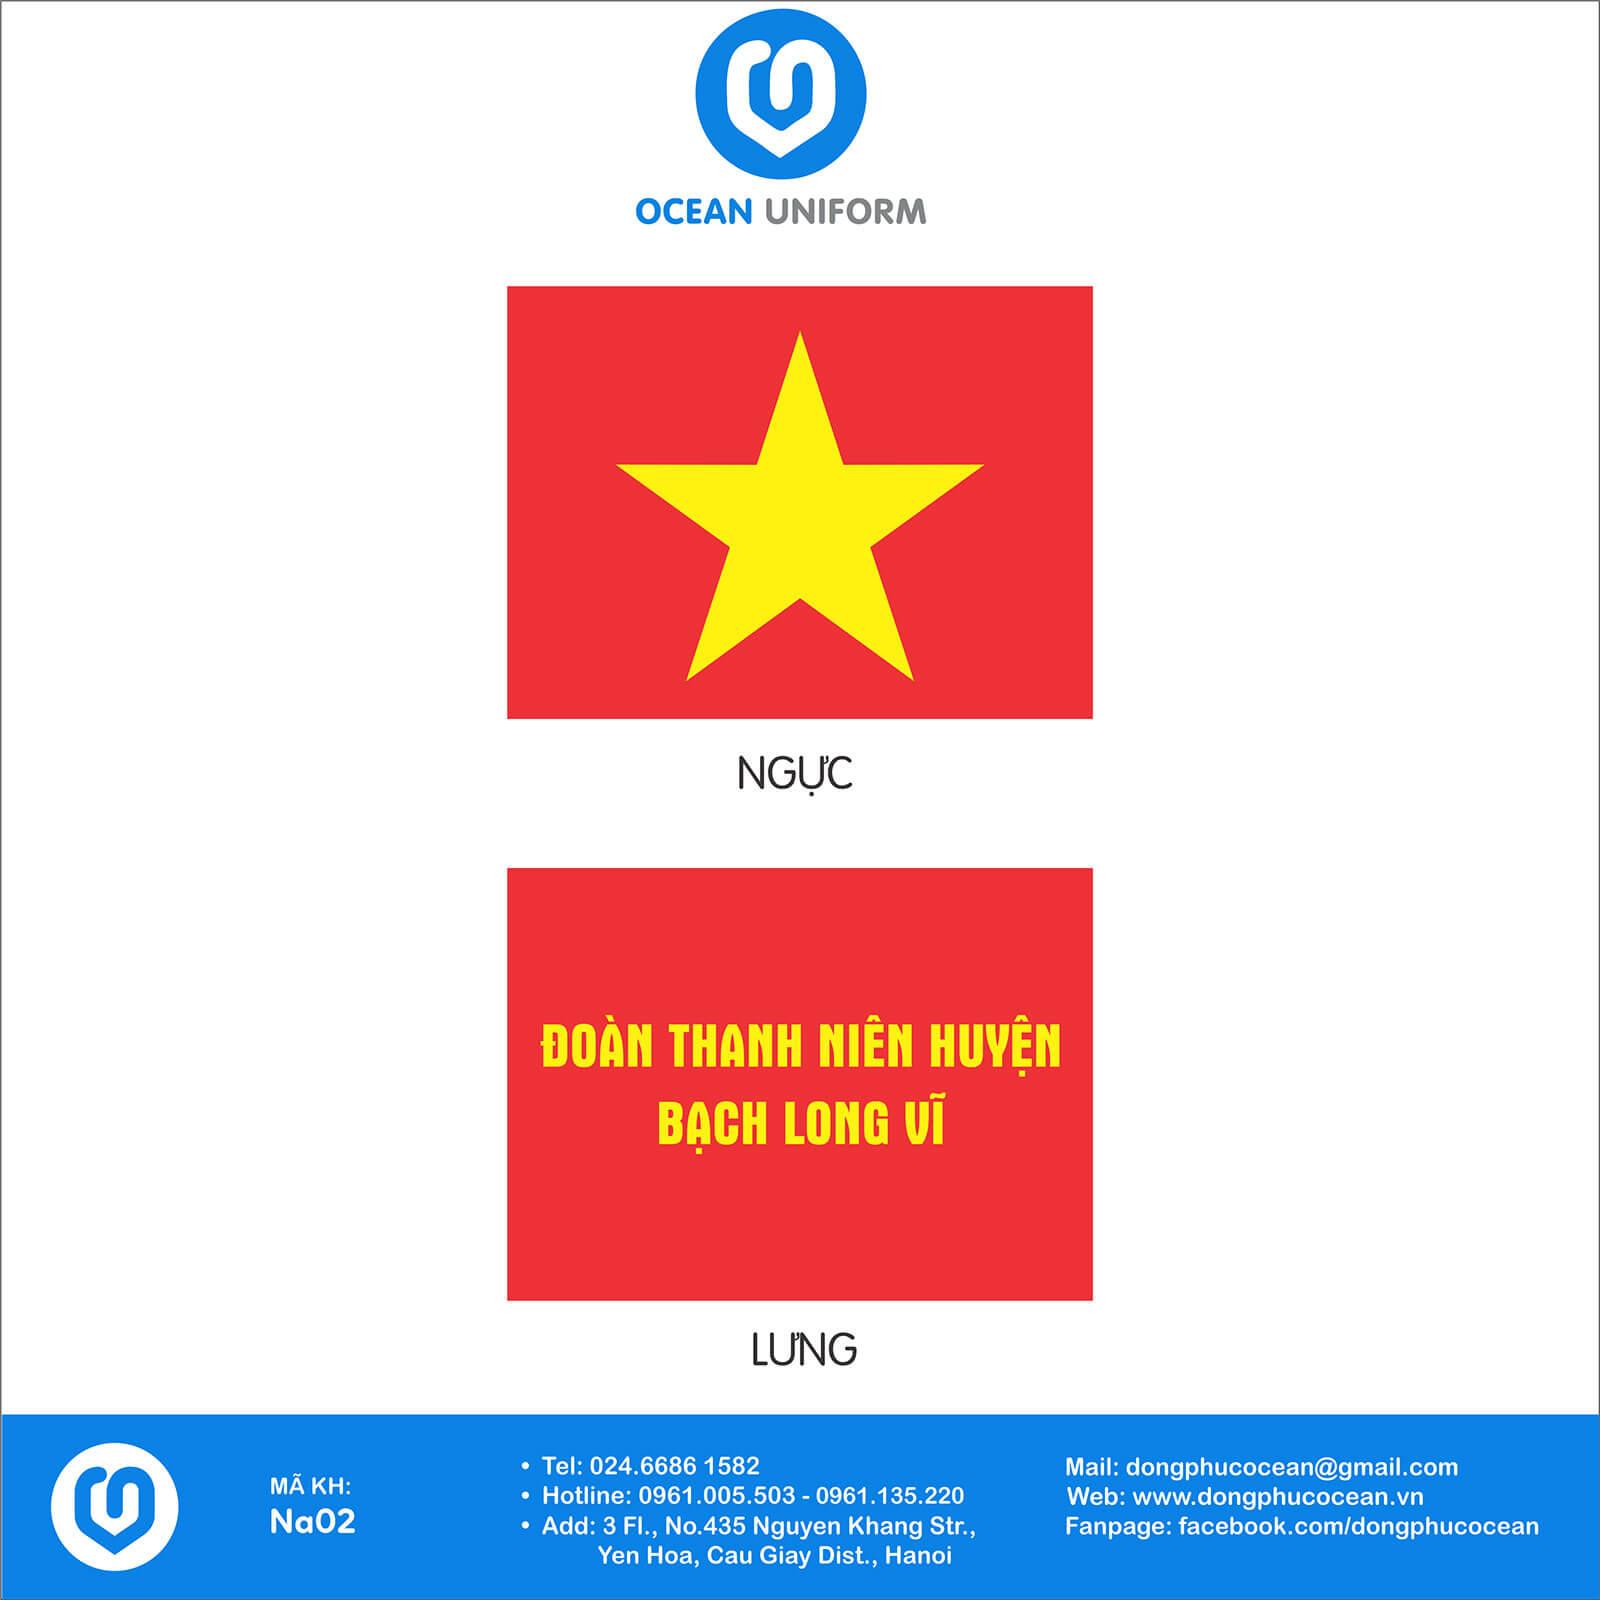 Hoạ tiết áo cờ đỏ sao vàng đoàn thanh niên huyện Bạch Long Vỹ